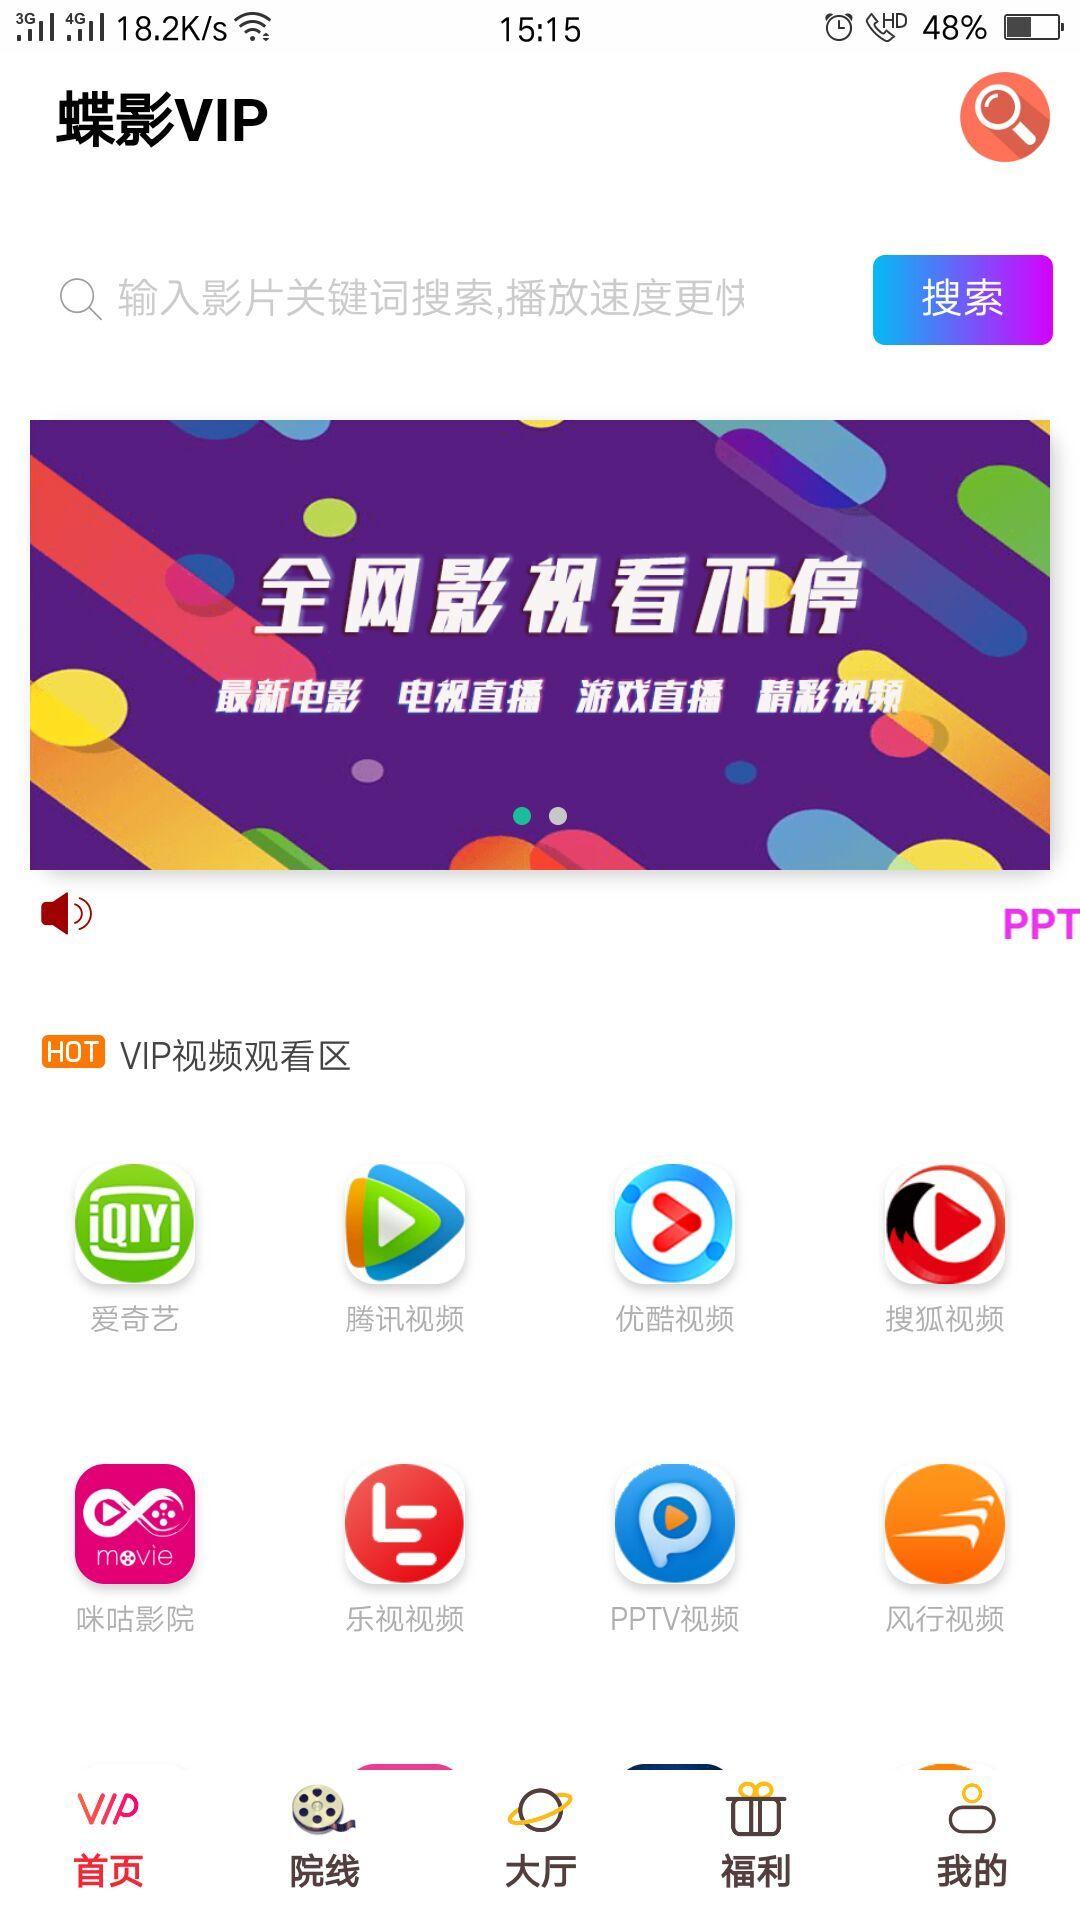 最新美化版本全网VIP影视APP源码,可运营版,已对接易支付